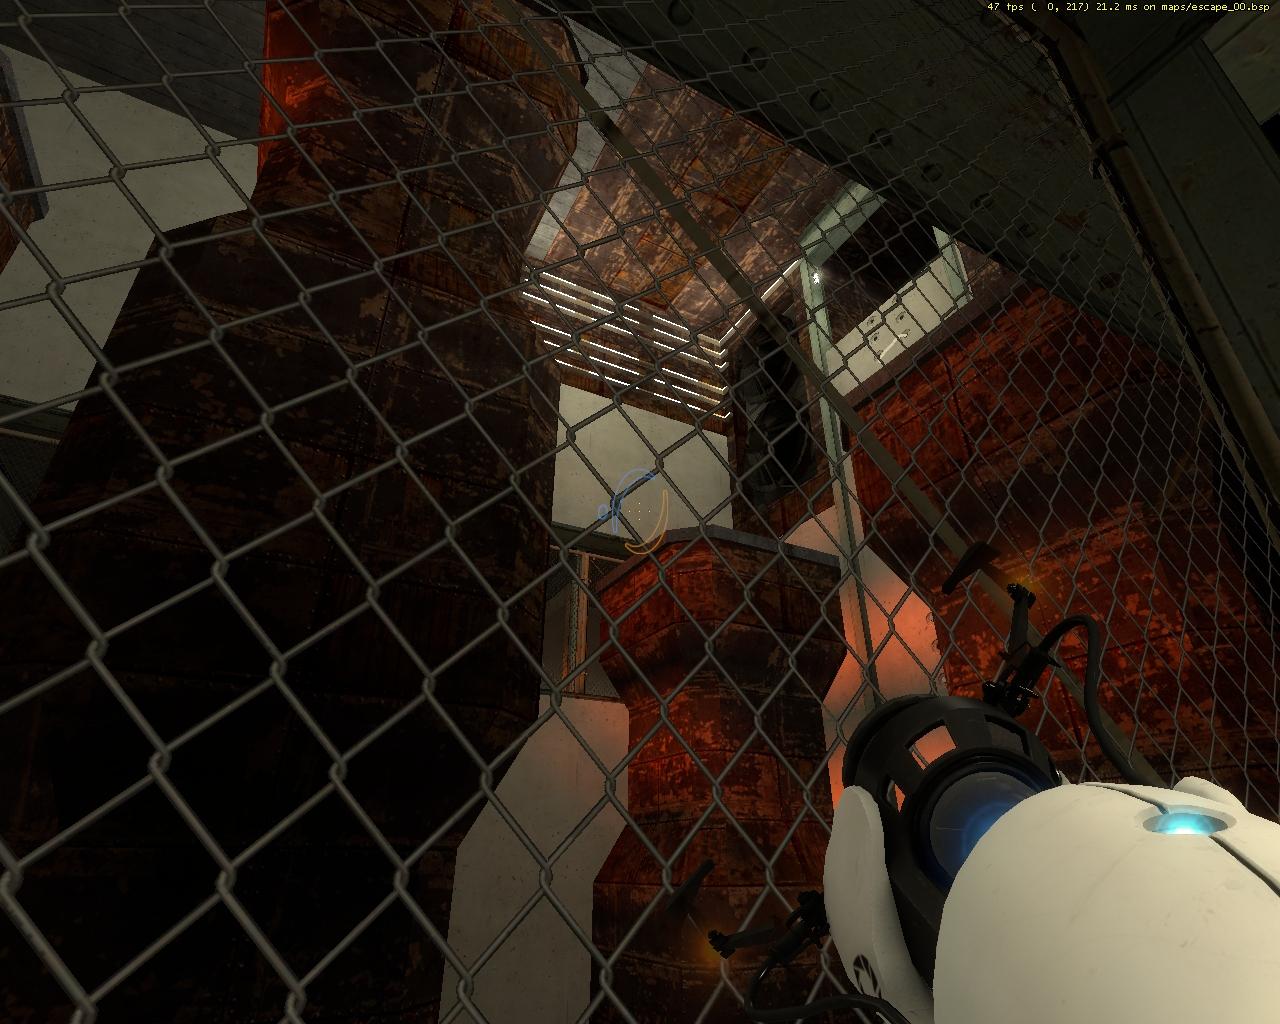 escape_000004.jpg - Portal escape_00, Portal 2006, Portal Beta